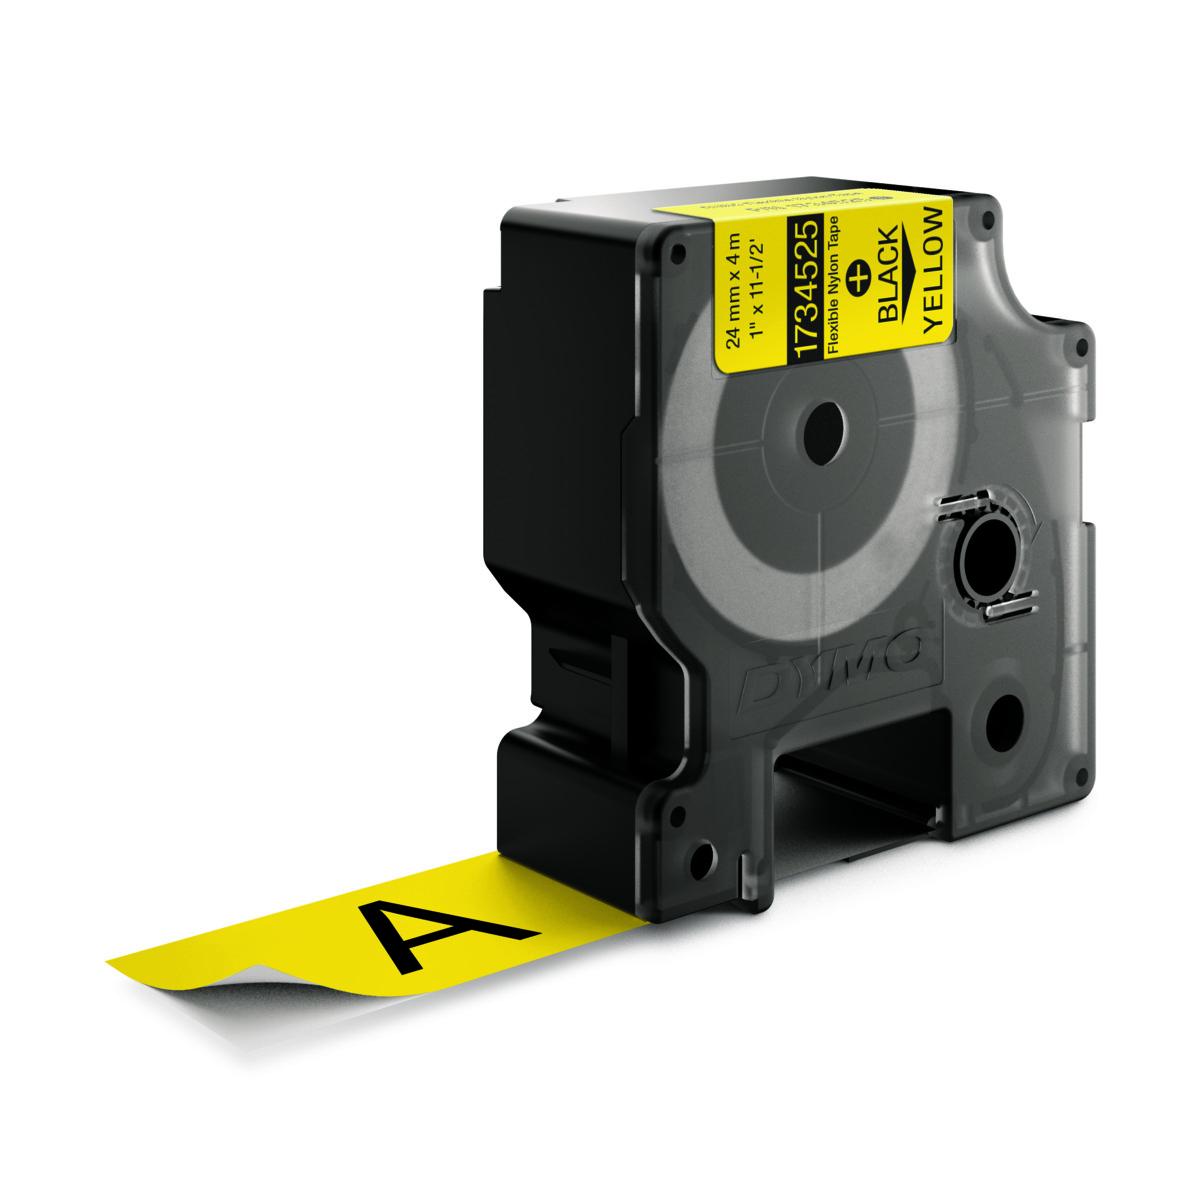 Dymo RHINO 1734525 IND - Nylon flexible label tape - 24mm zwart op geel